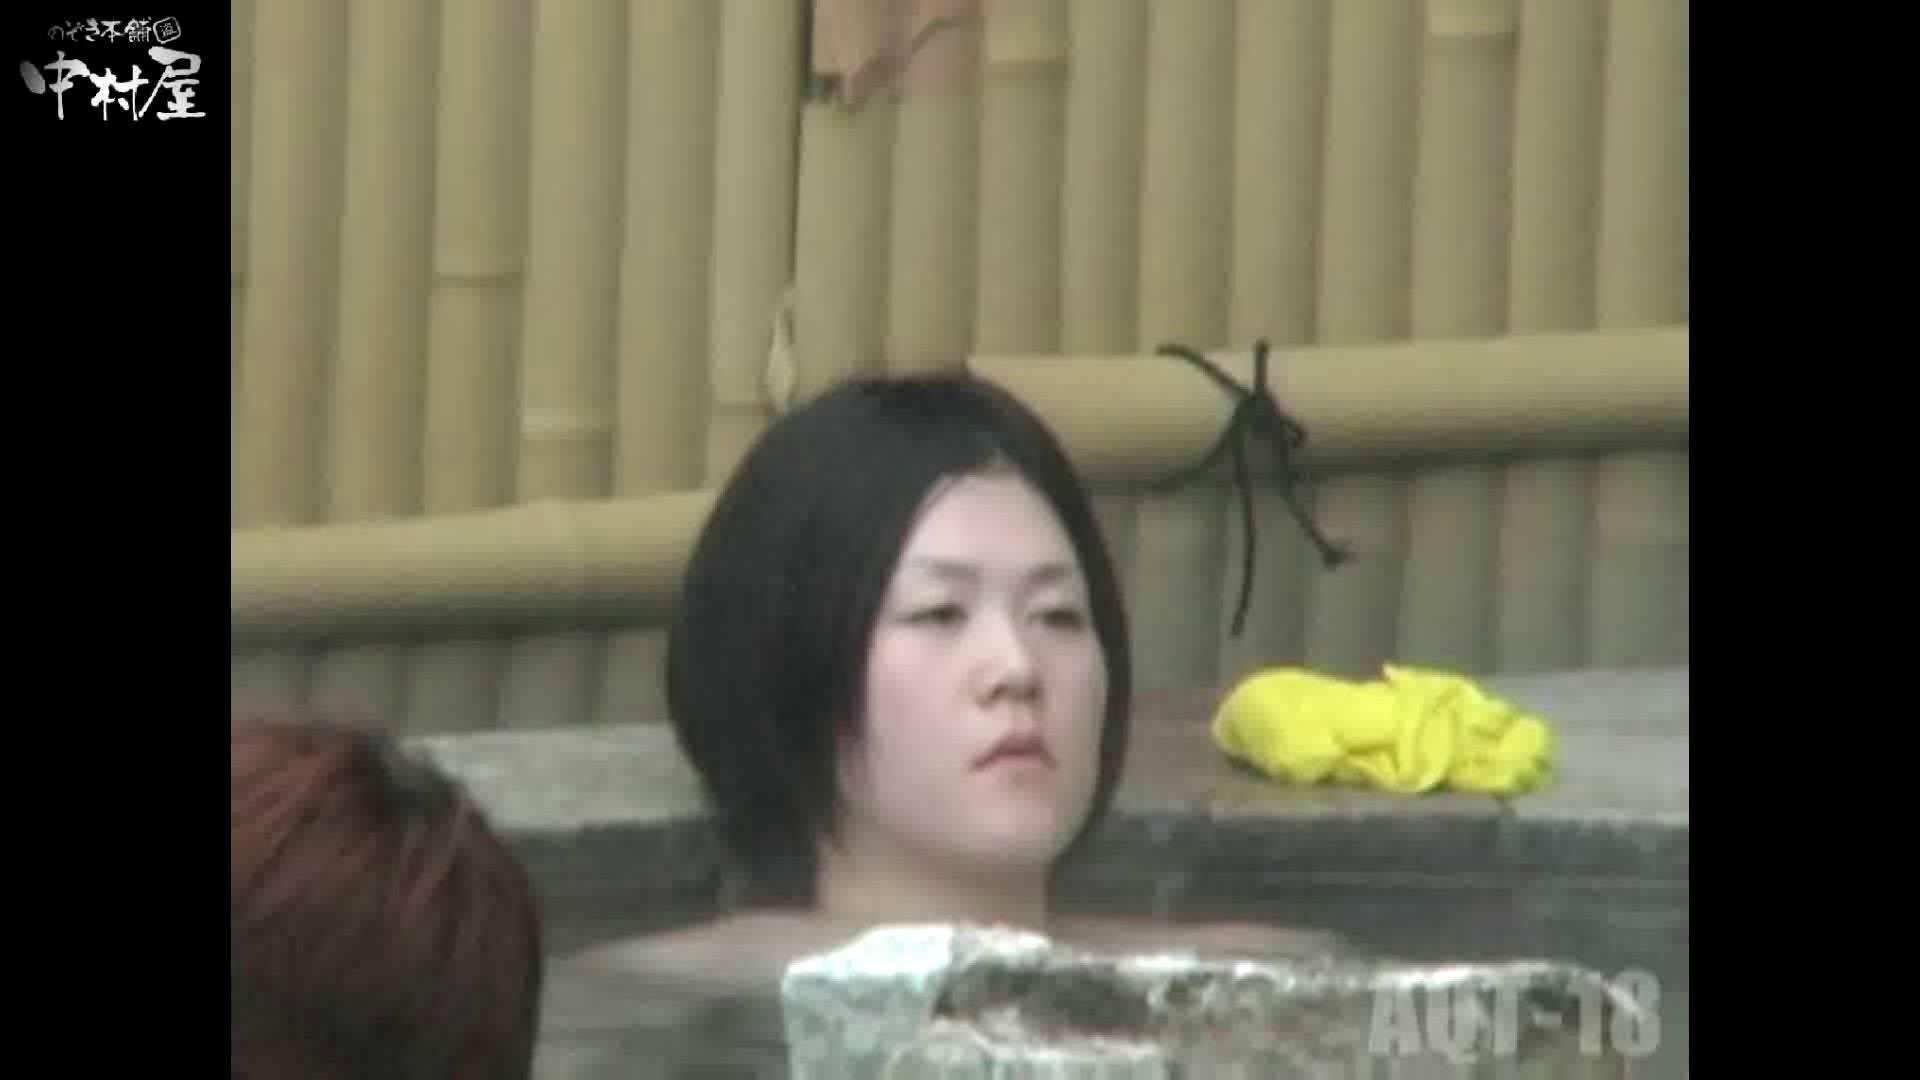 Aquaな露天風呂Vol.882潜入盗撮露天風呂十八判湯 其の五 盗撮映像  95Pix 13